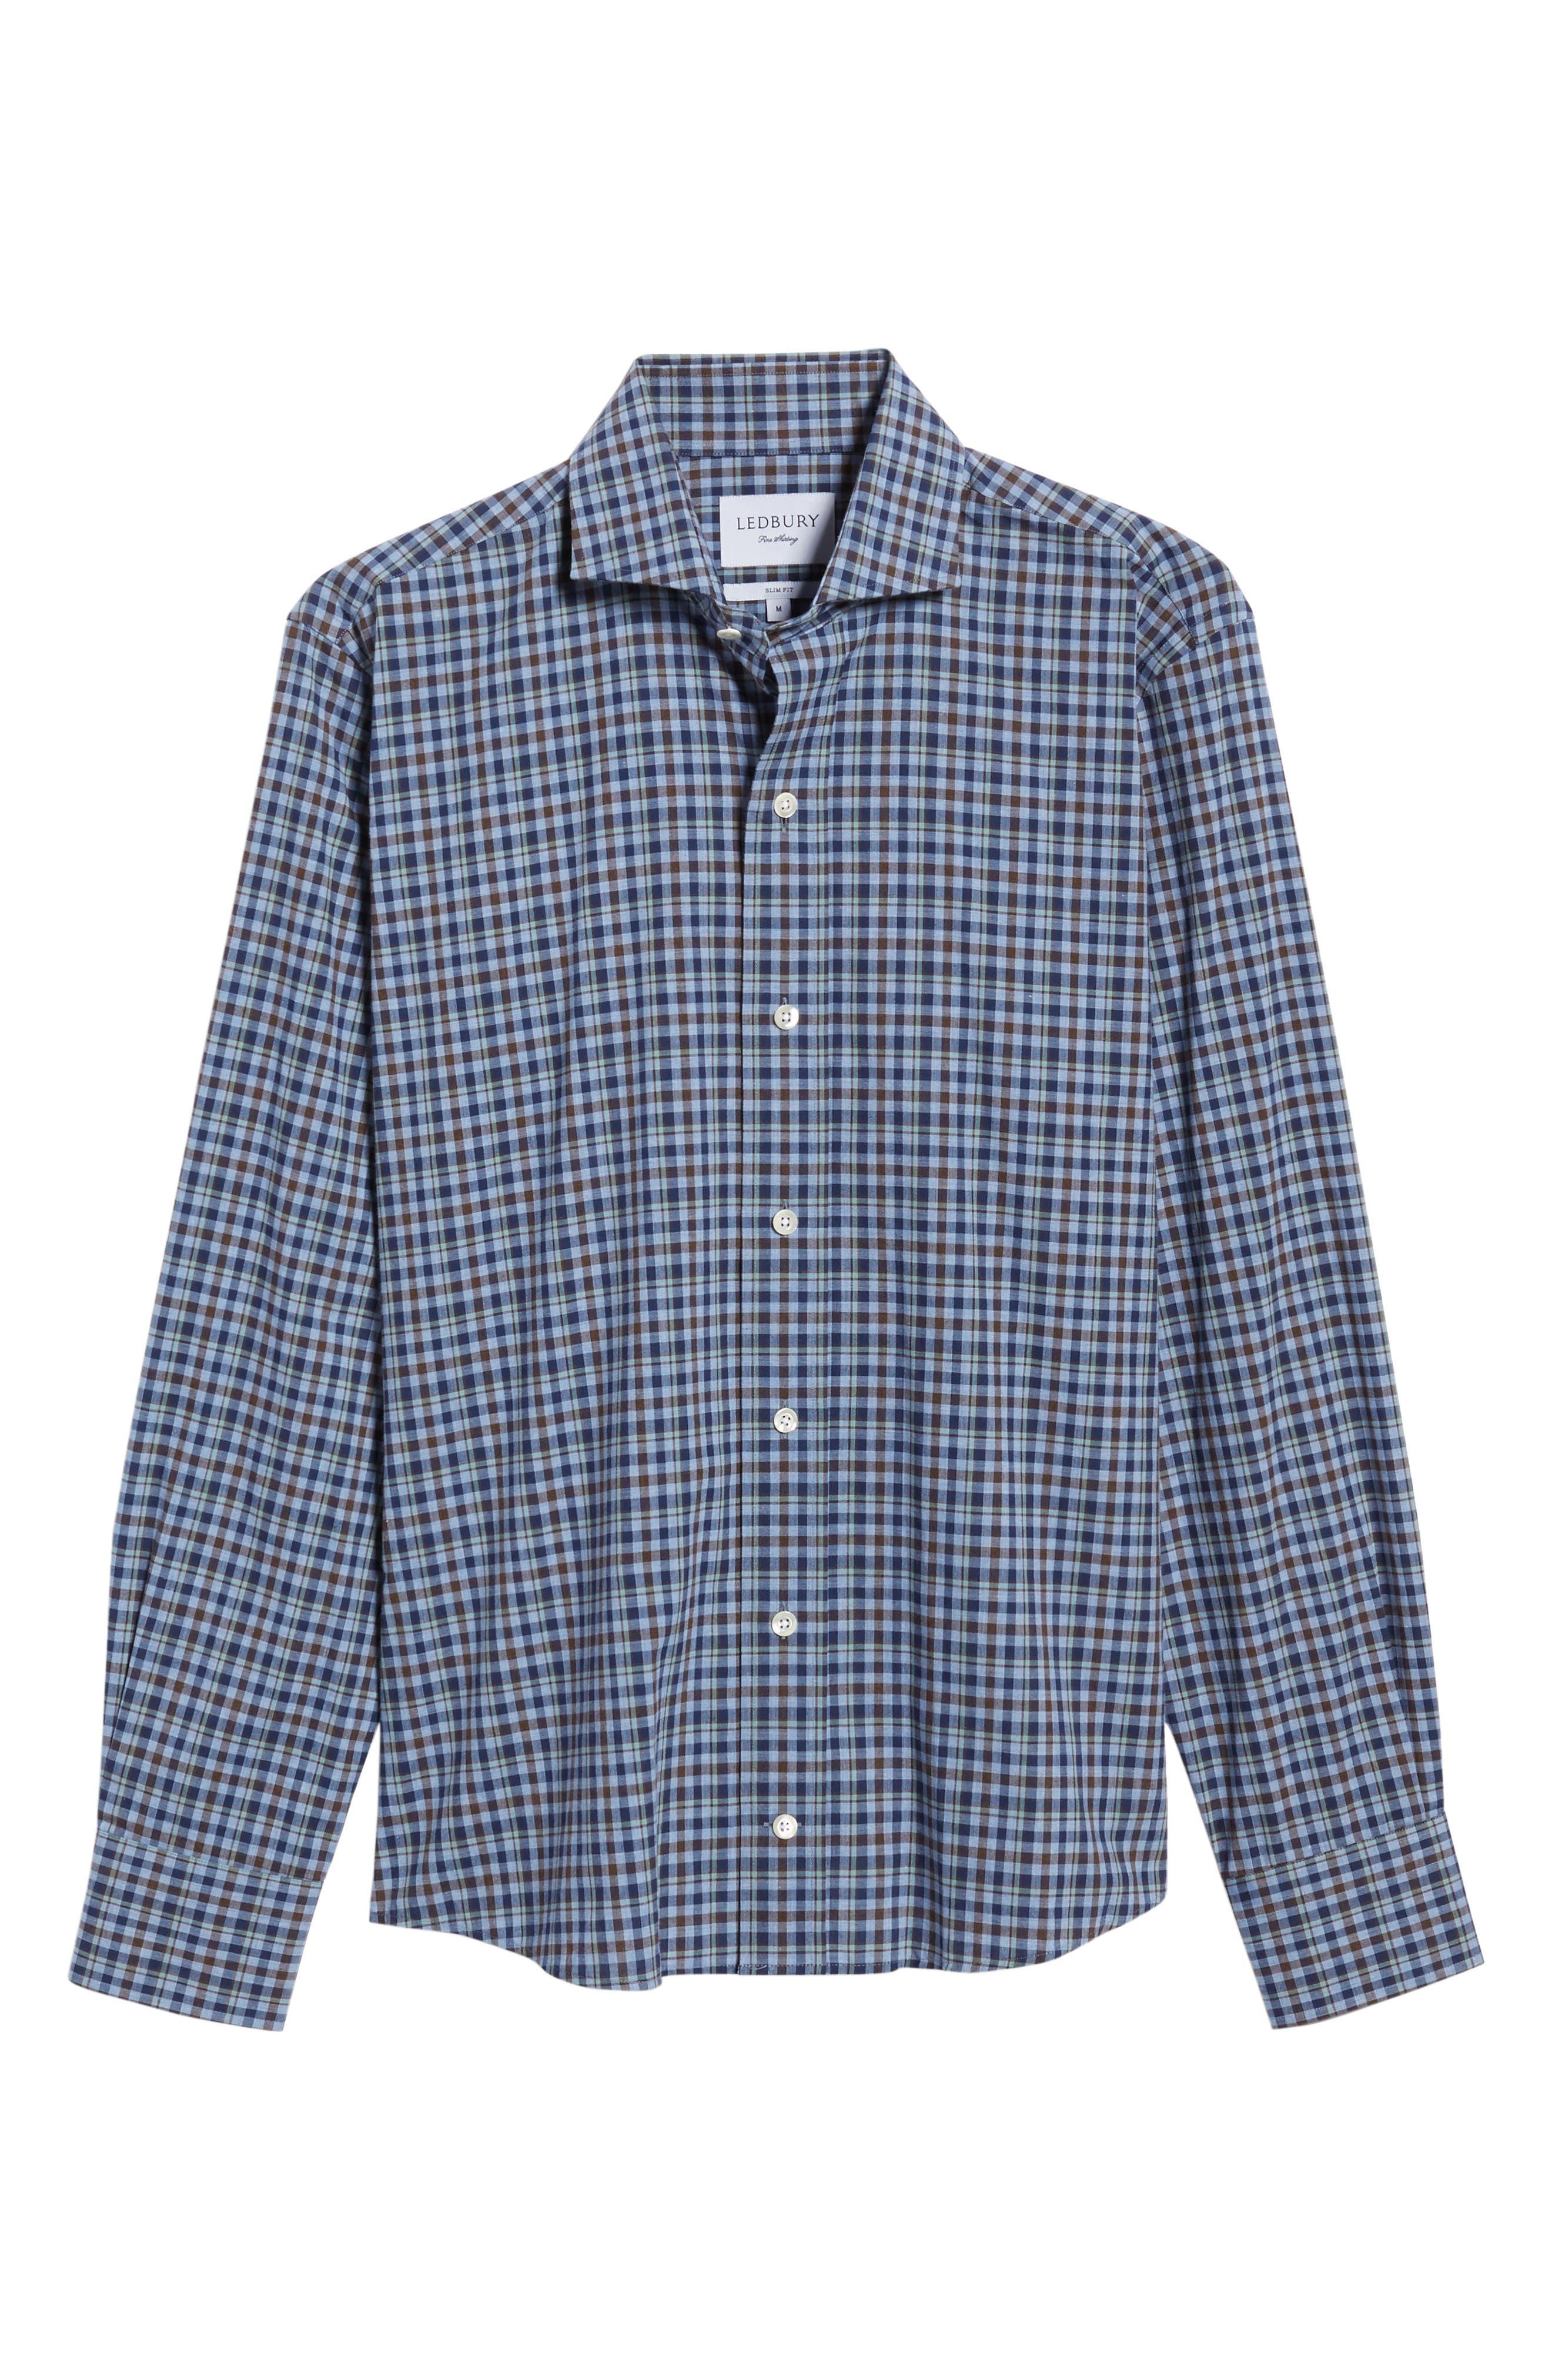 Alden Slim Fit Plaid Sport Shirt,                             Alternate thumbnail 6, color,                             Blue